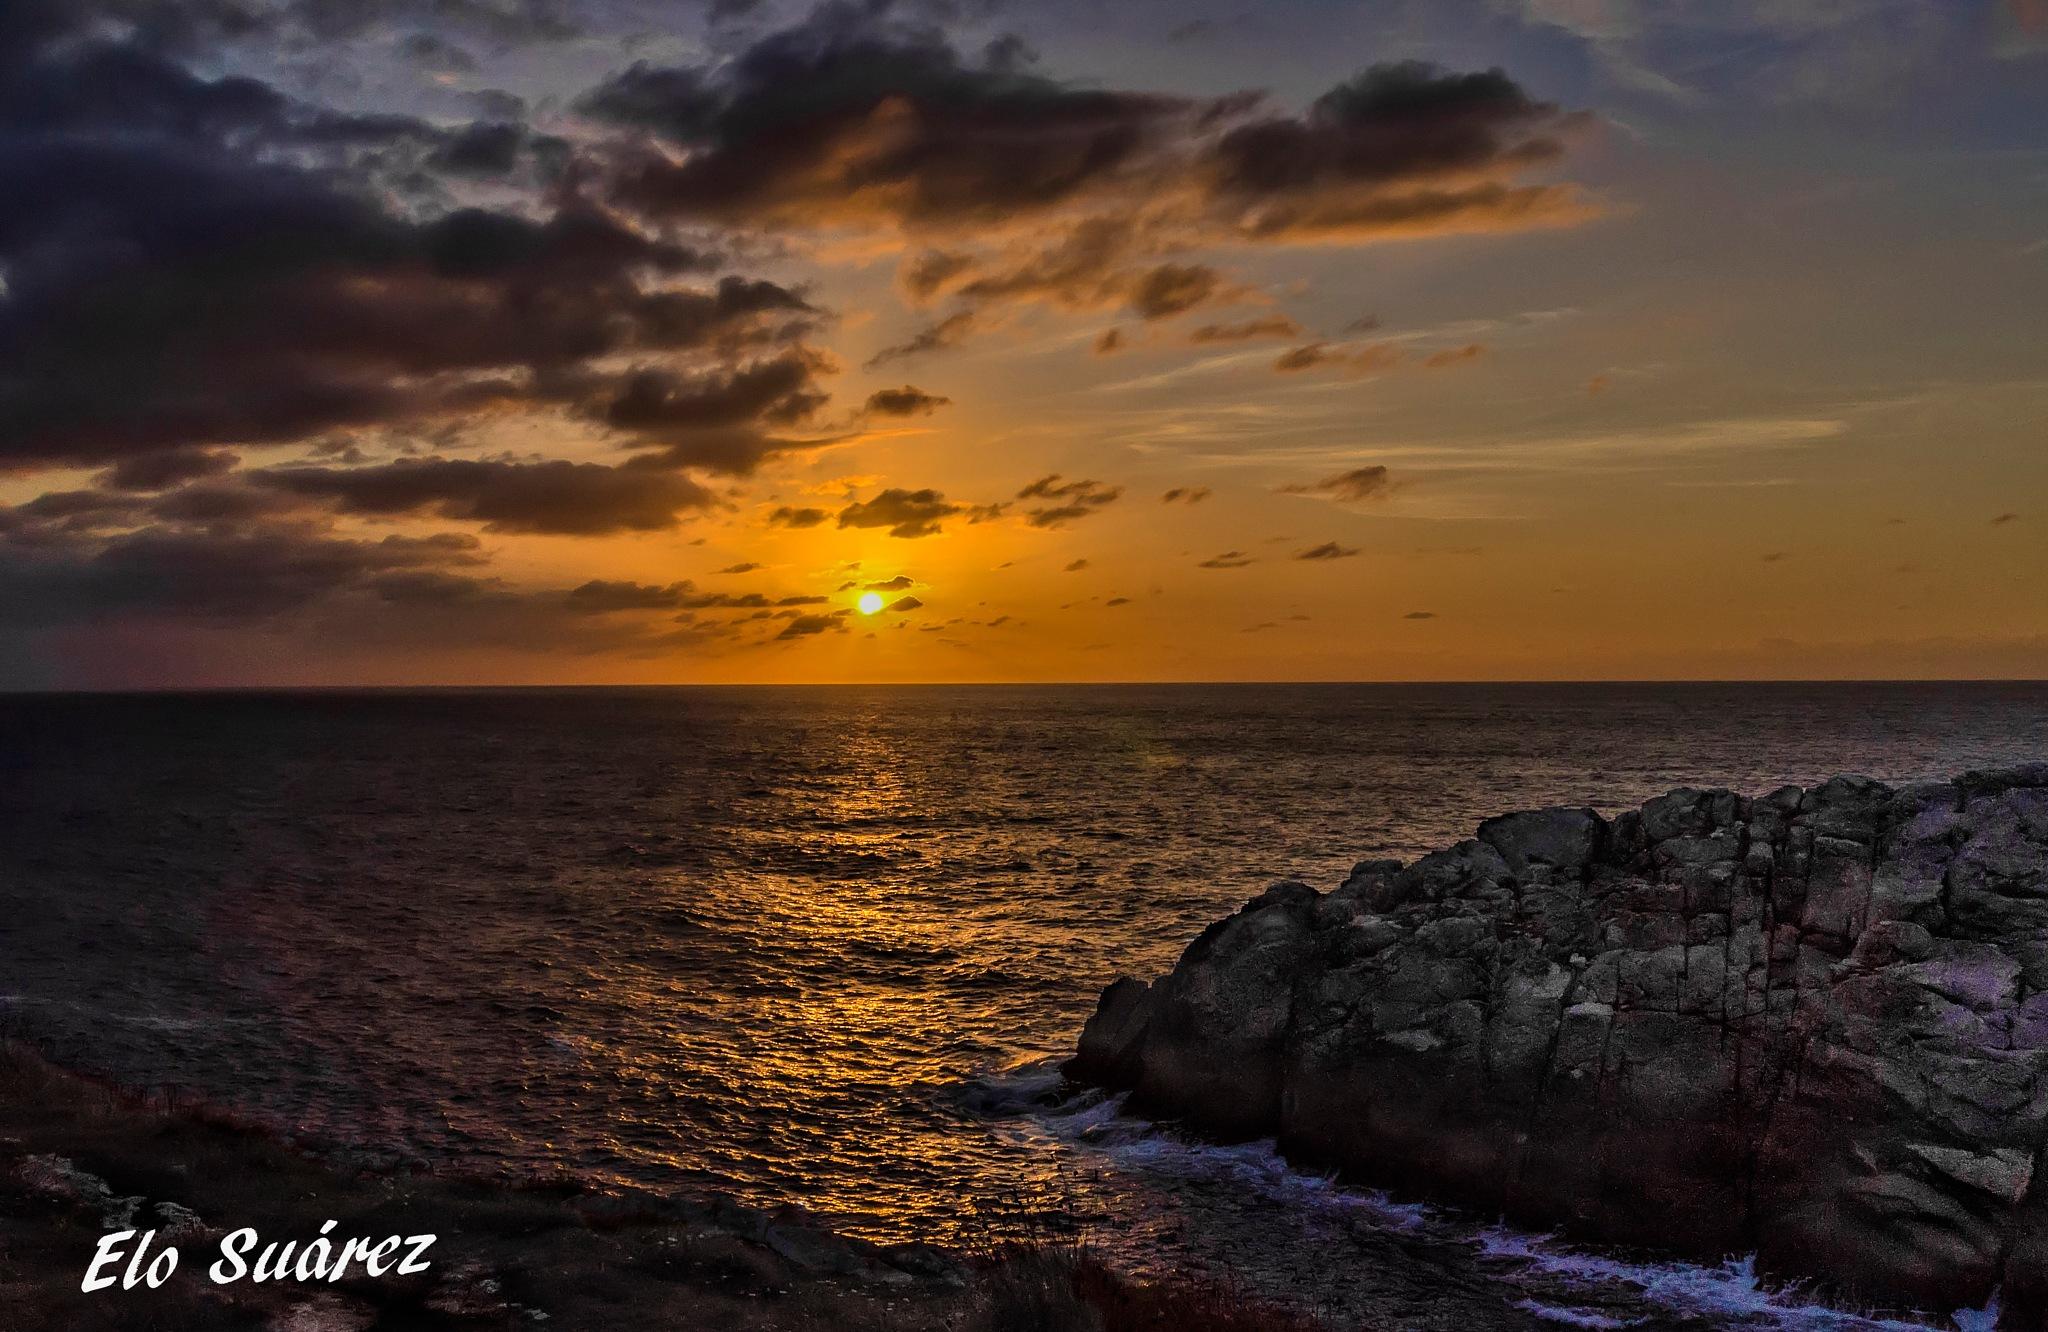 Puesta de sol by Elo Suárez